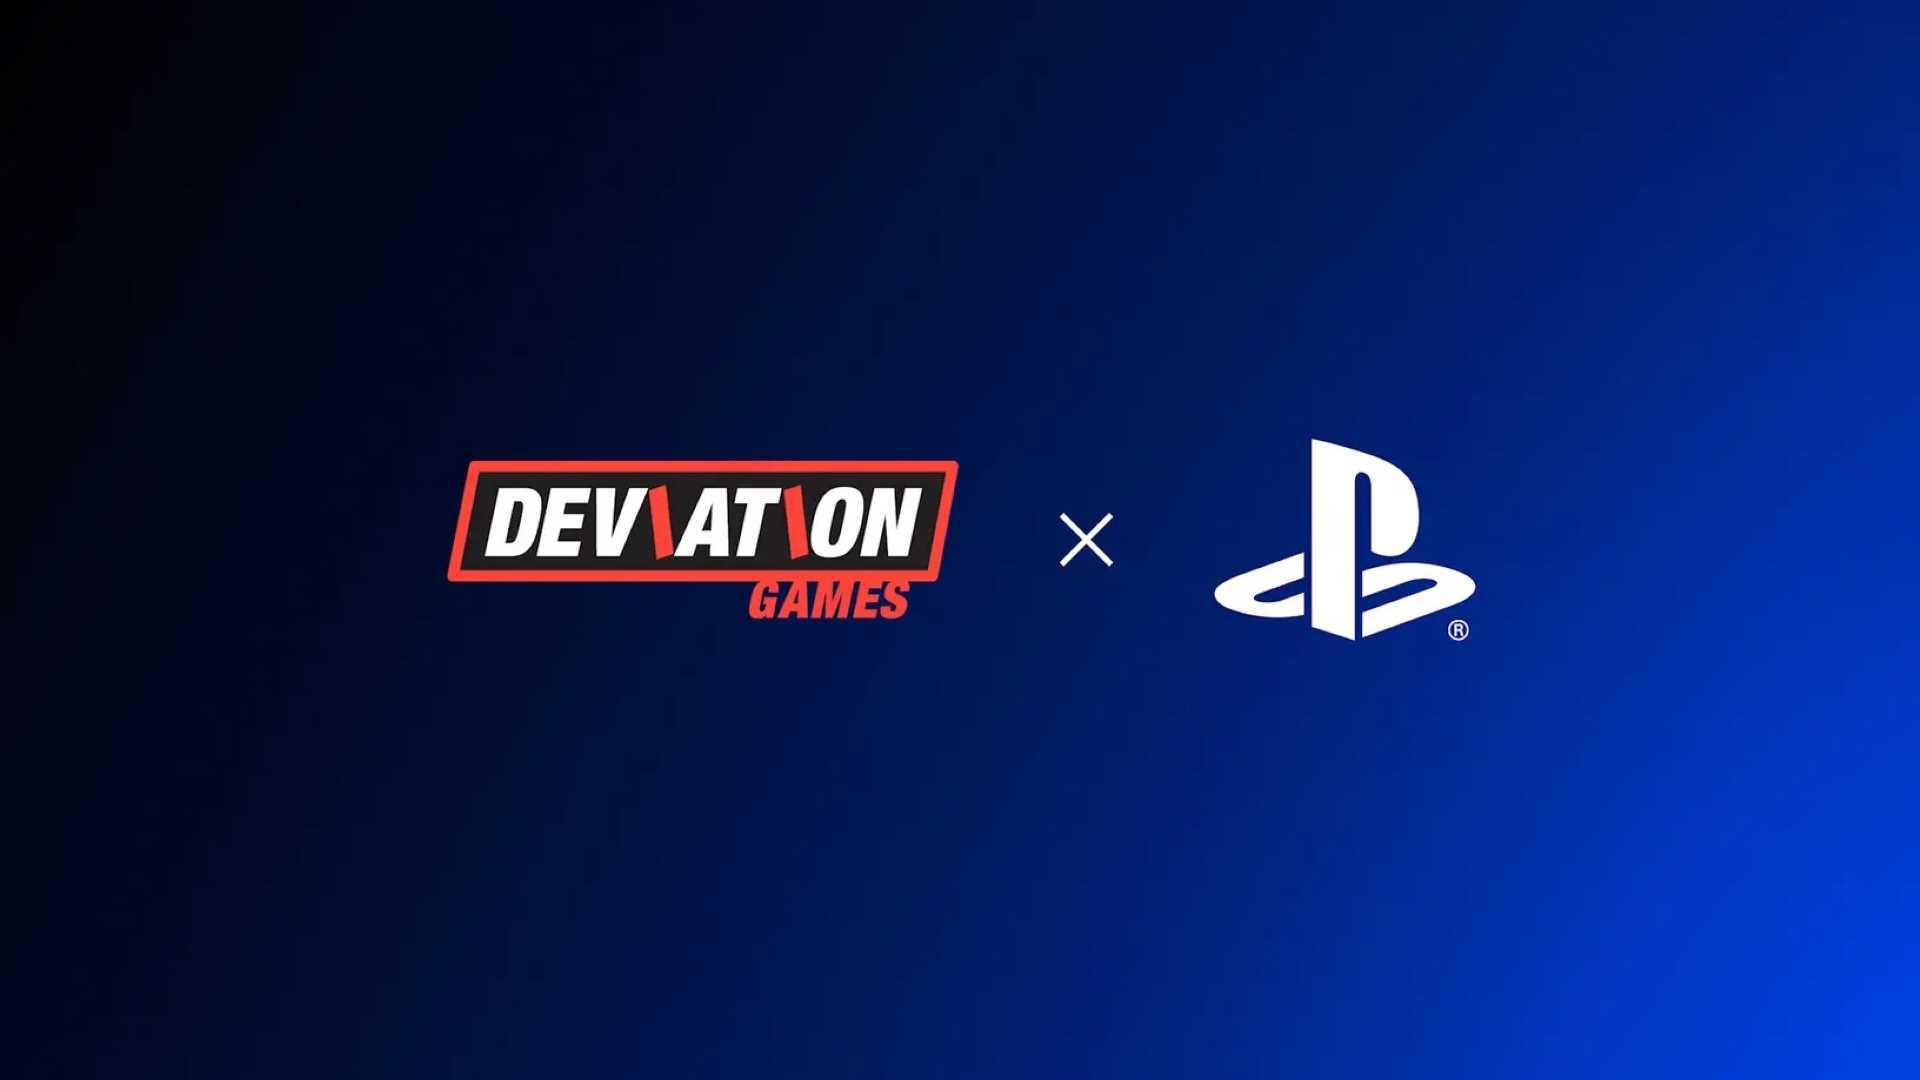 Summer Game Fest - PlayStation Deviation Kooperation